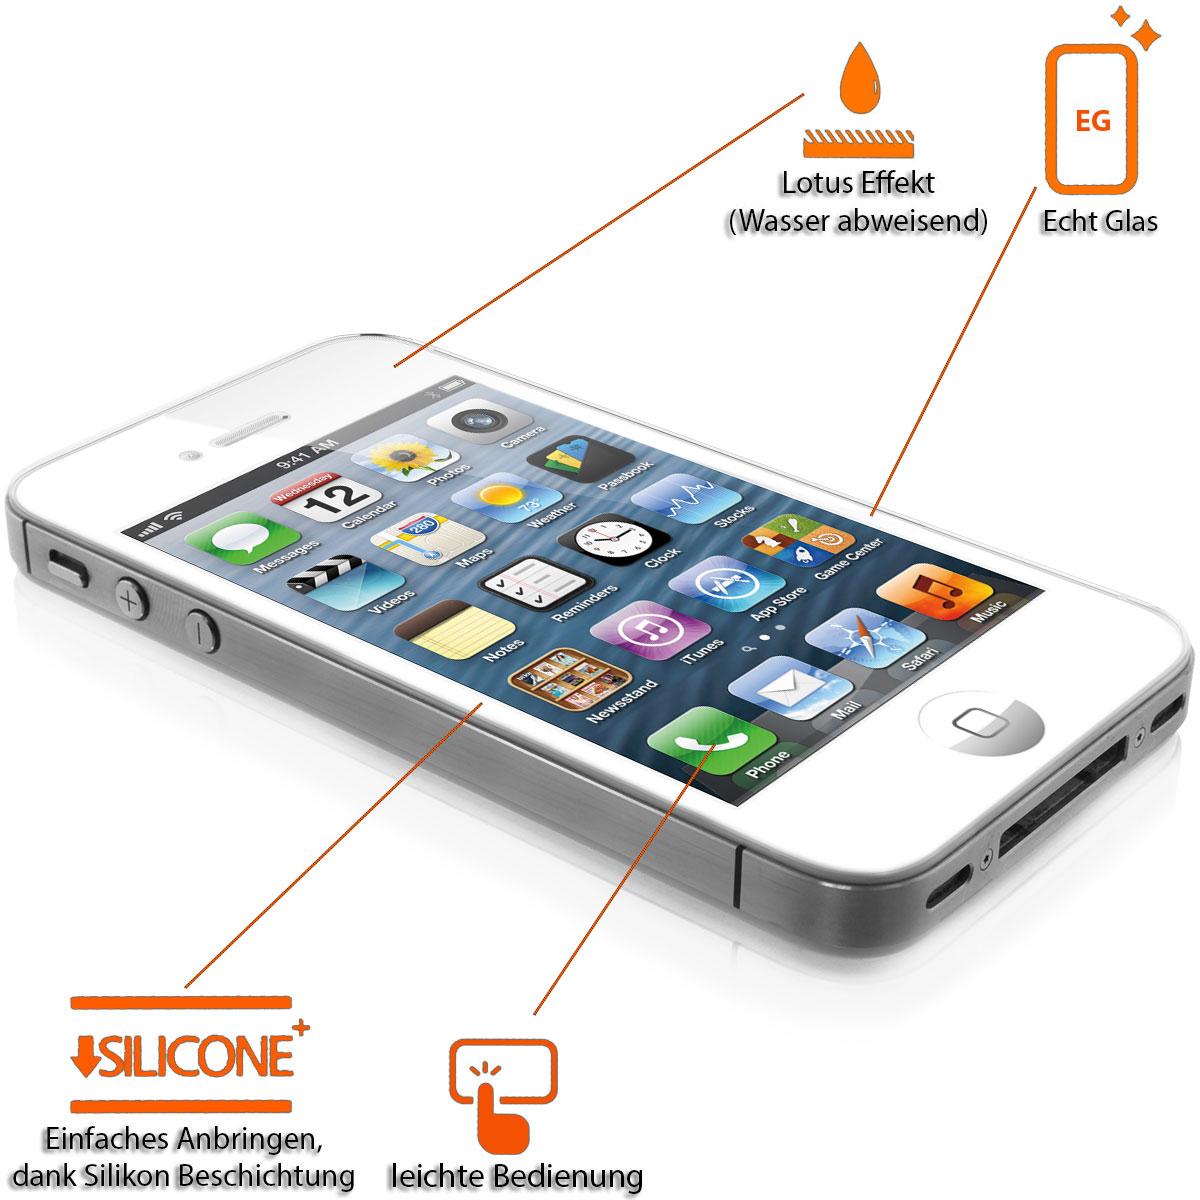 iPhone 4 Echt Glas Display Schutz 0,4mm Wasser Abweisend Lotus Effekt